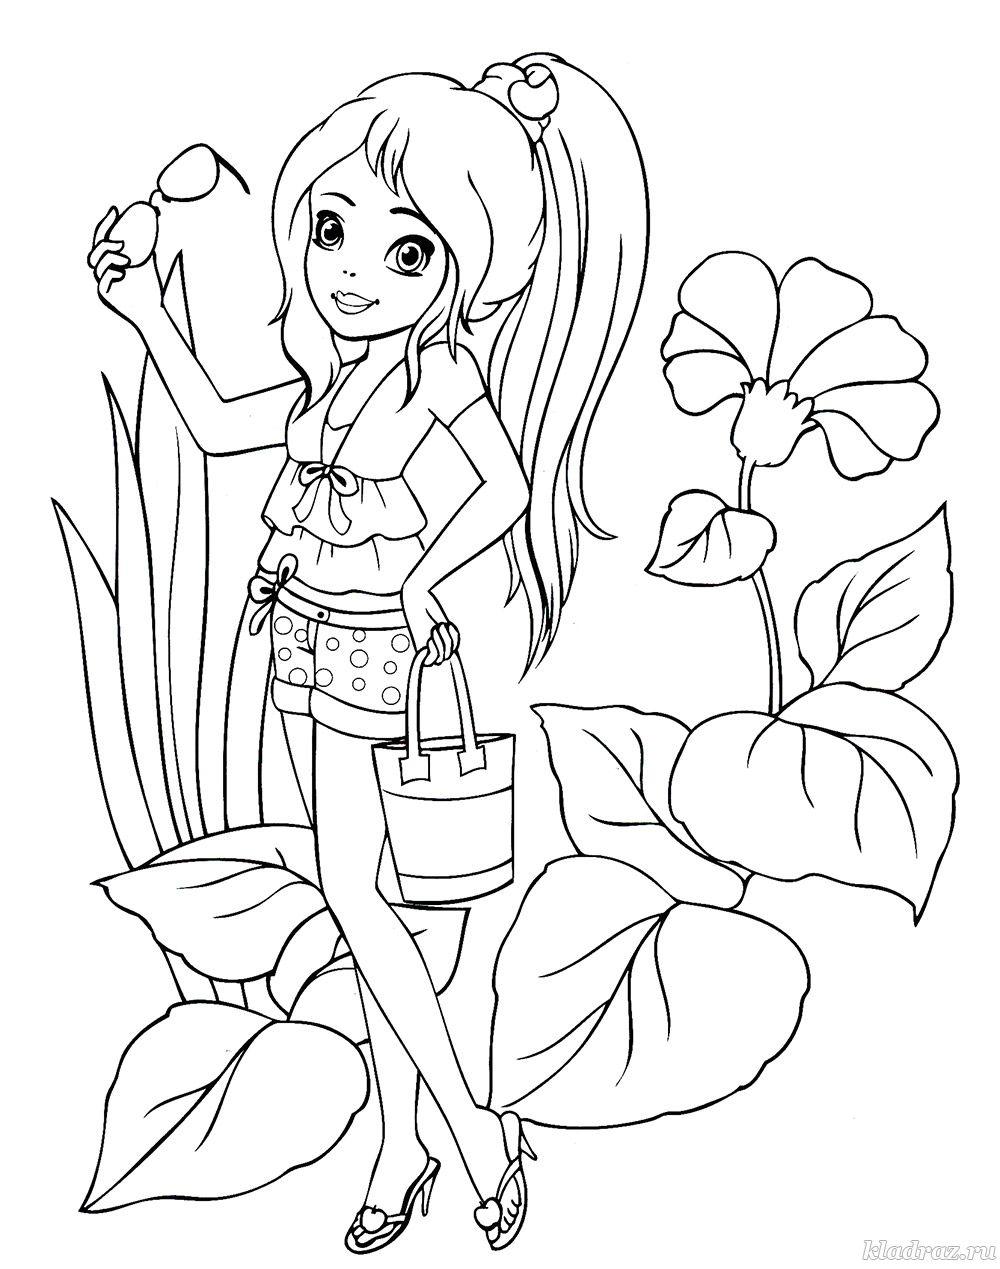 Раскраски для девочек 10-12 лет сложные онлайн